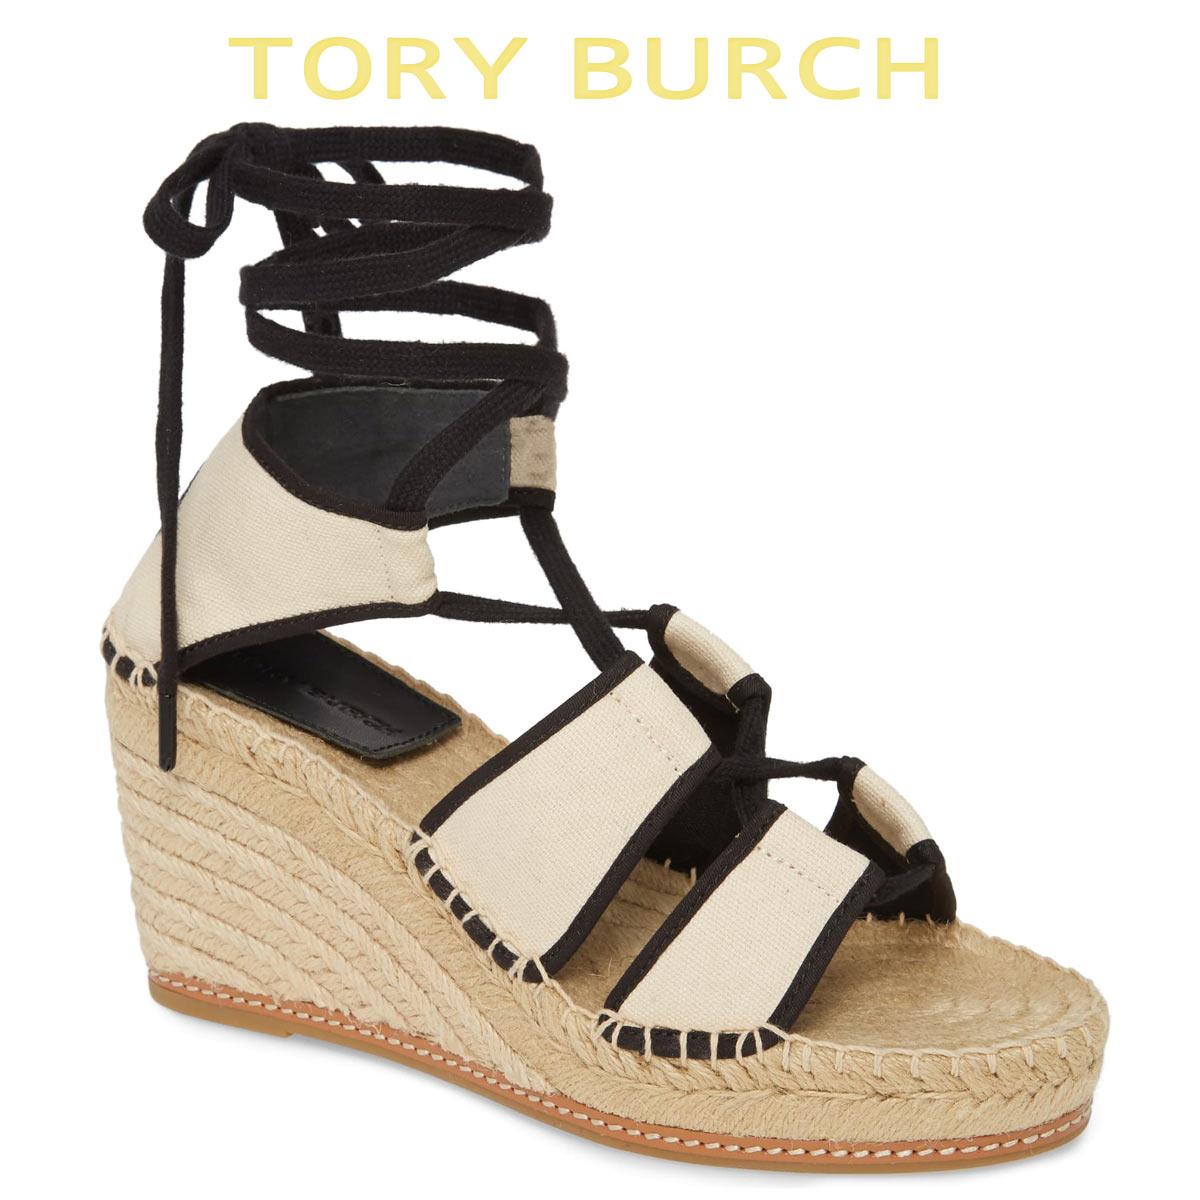 トリーバーチ サンダル エスパドリーユ レディース 厚底 ヒール 歩きやすい ブランド 大きいサイズ Tory Burch